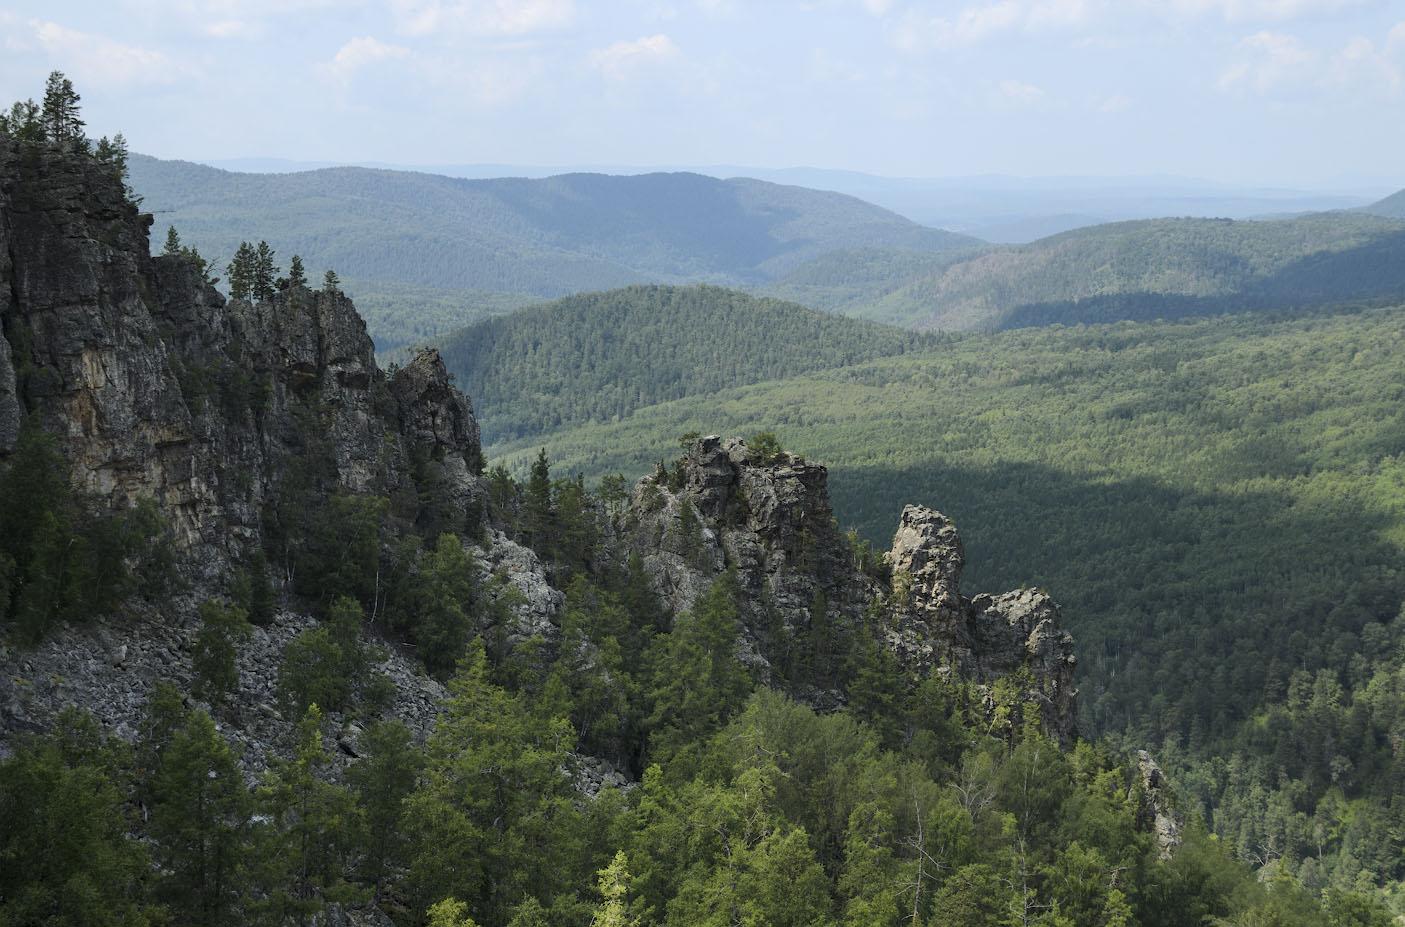 Фотография 5. Этот пейзаж снят без полярика. Отзывы о походах в горы с фотоаппаратом.